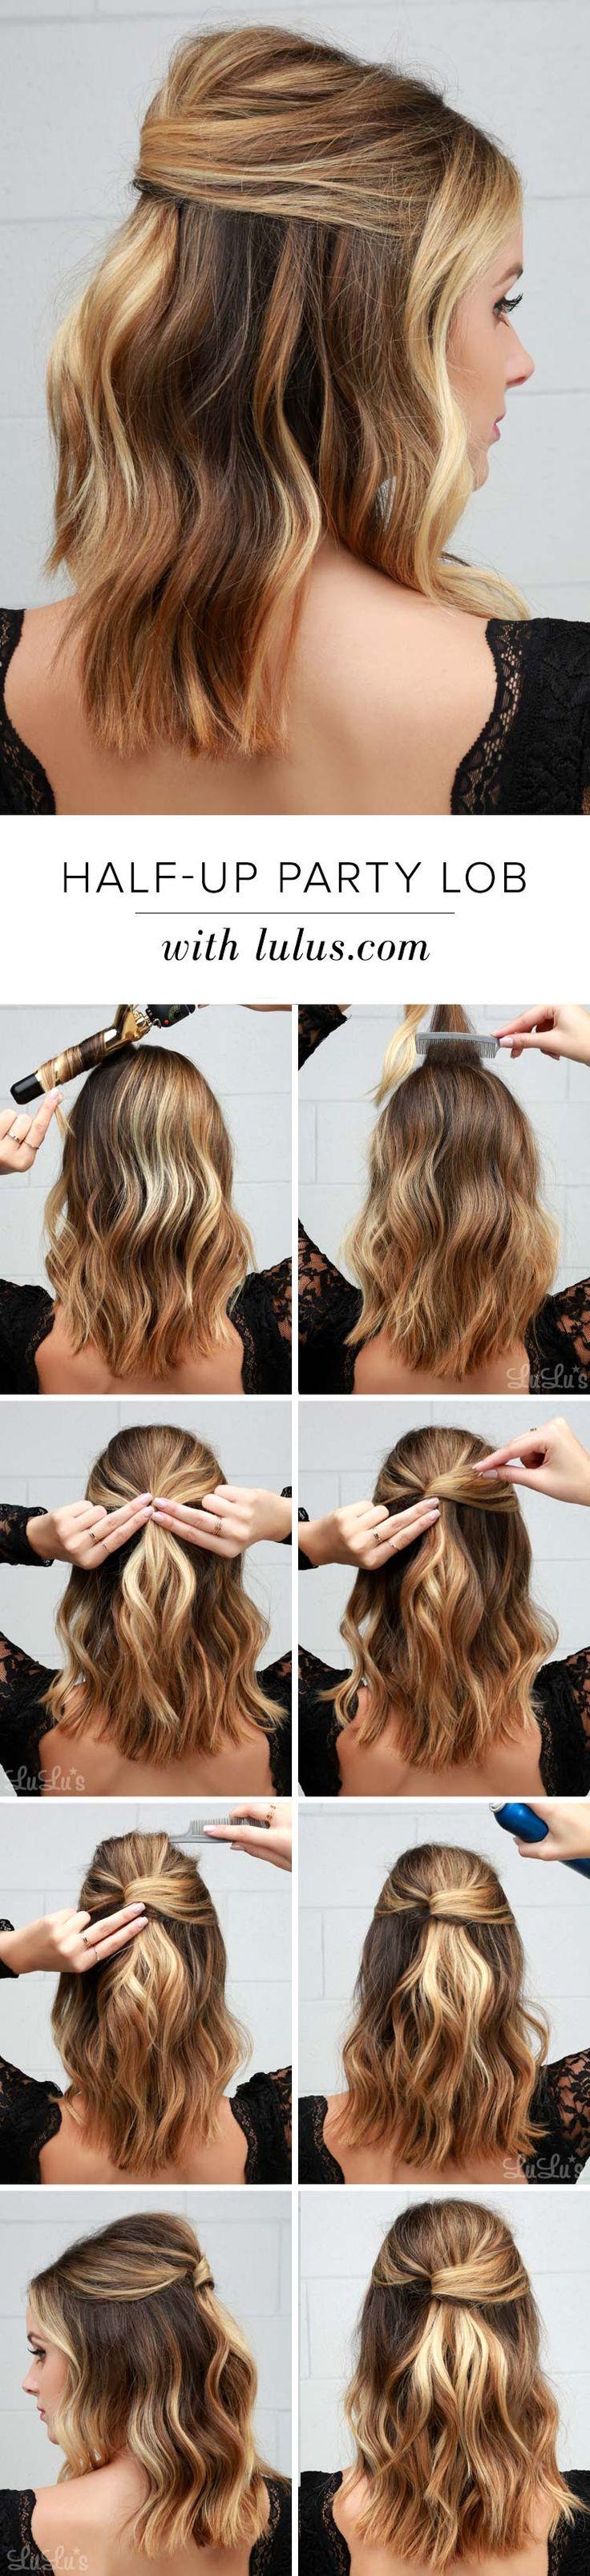 27 best Hair images on Pinterest